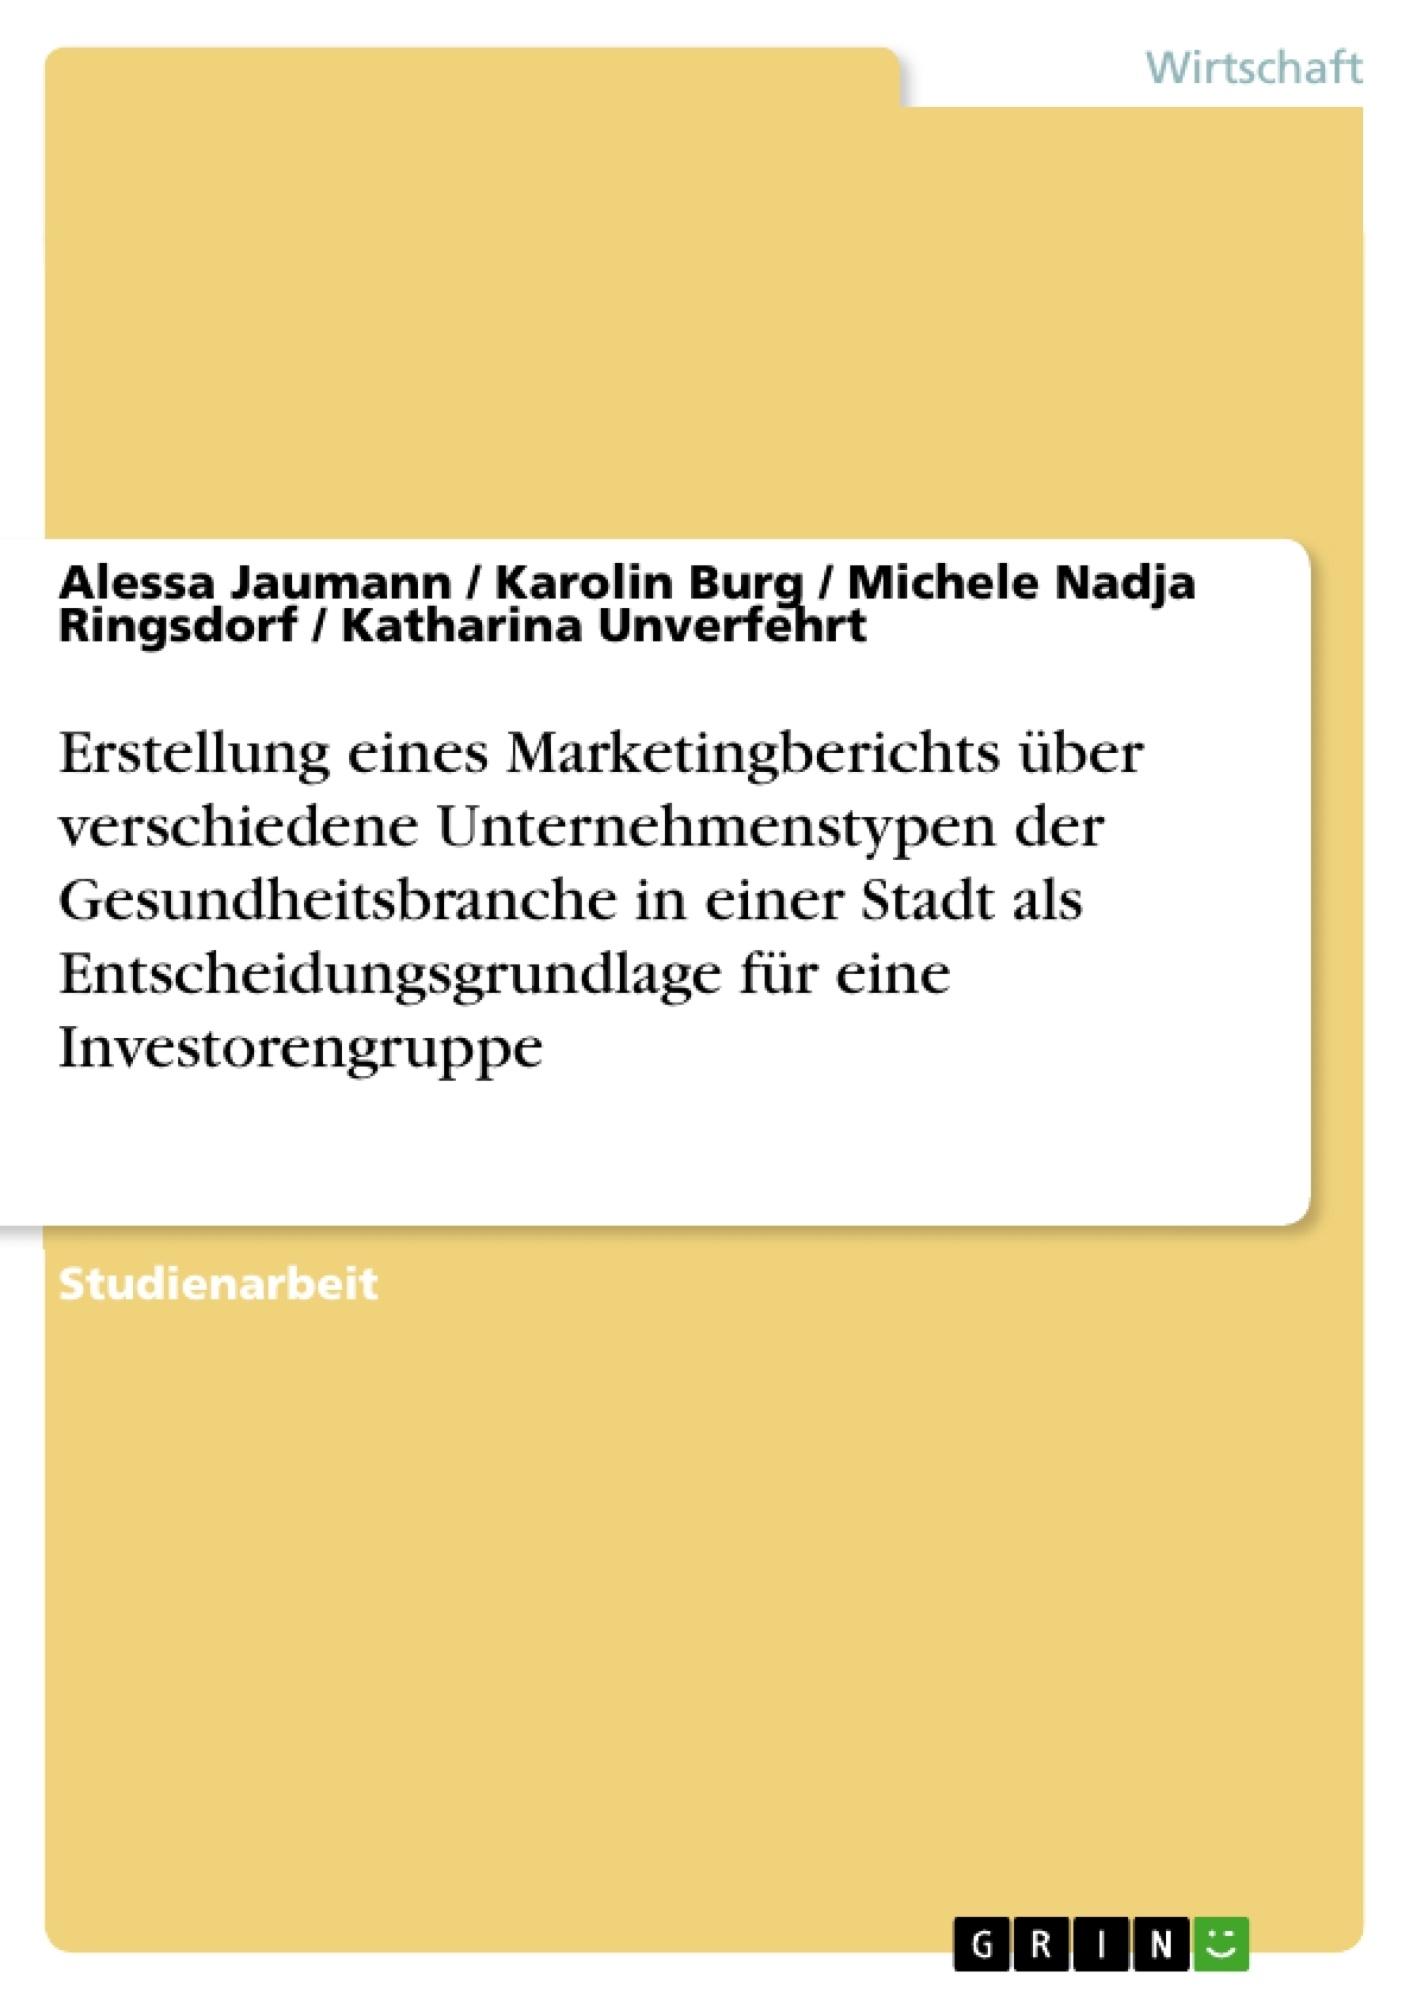 Titel: Erstellung eines Marketingberichts über verschiedene Unternehmenstypen der Gesundheitsbranche in einer Stadt als Entscheidungsgrundlage für eine Investorengruppe